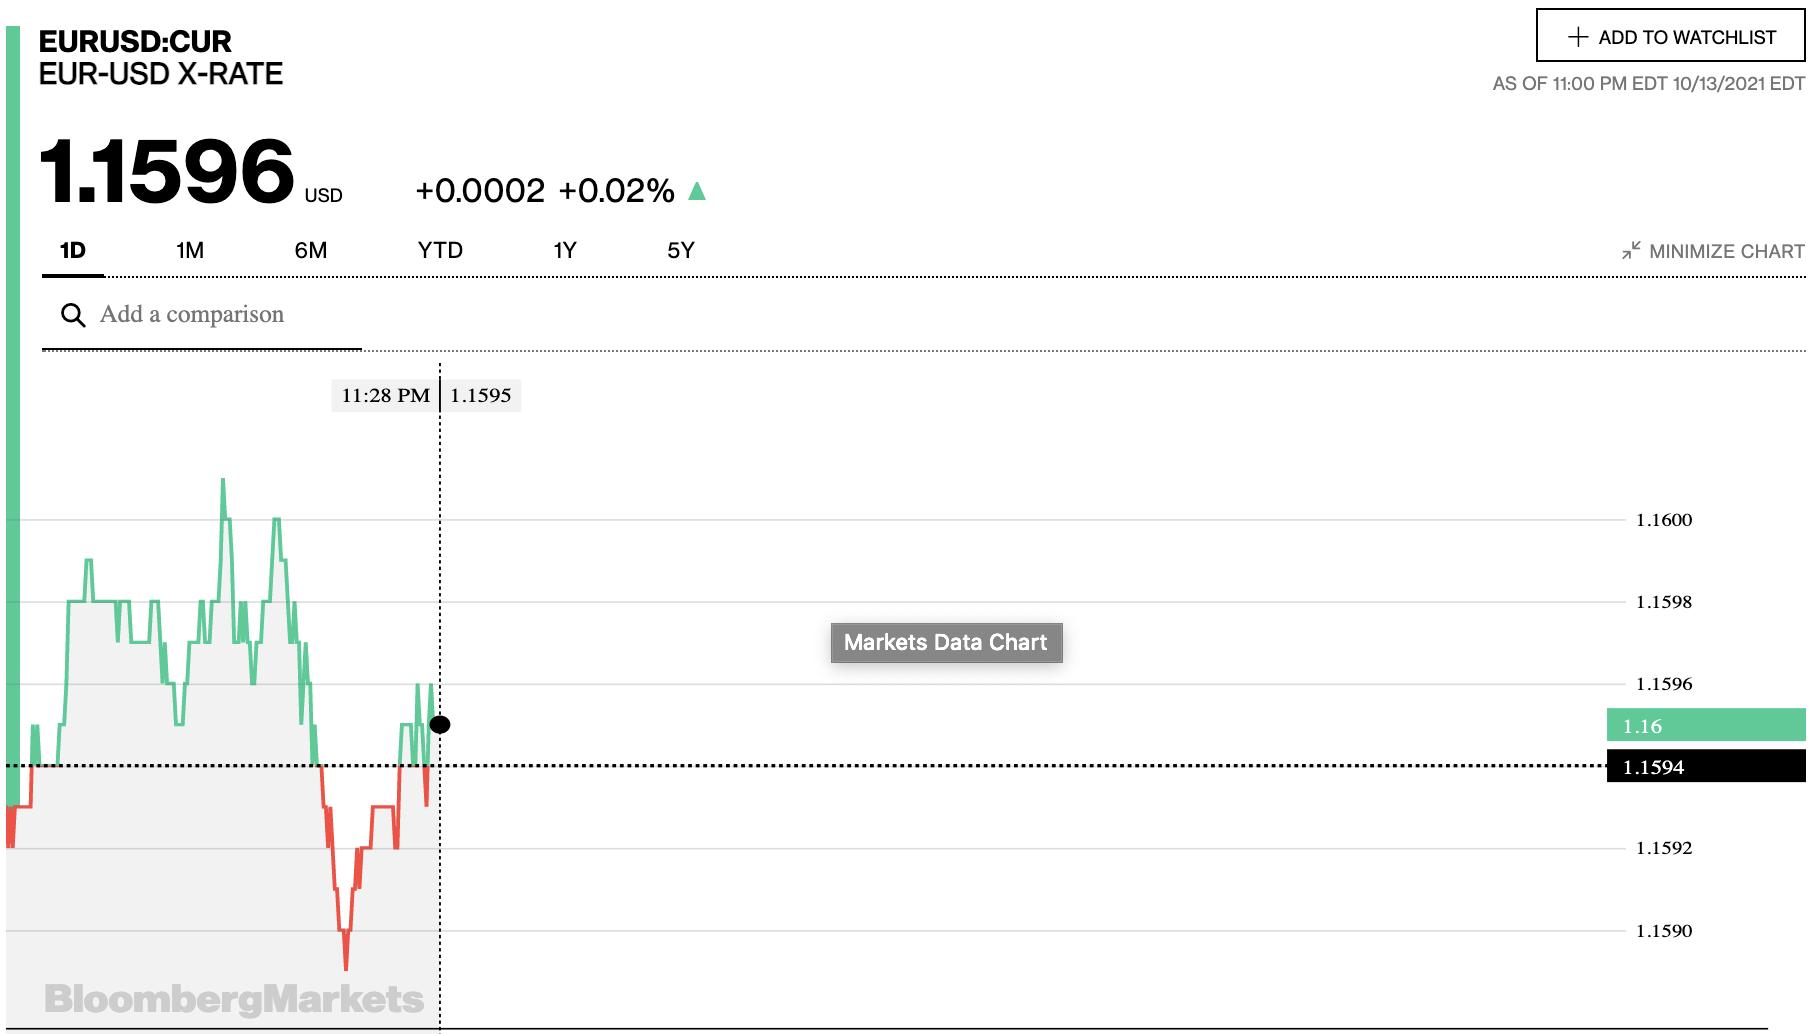 Tỷ giá euro hôm nay 14/10: Các ngân hàng và thị trường chợ đen đồng loạt tăng - Ảnh 2.